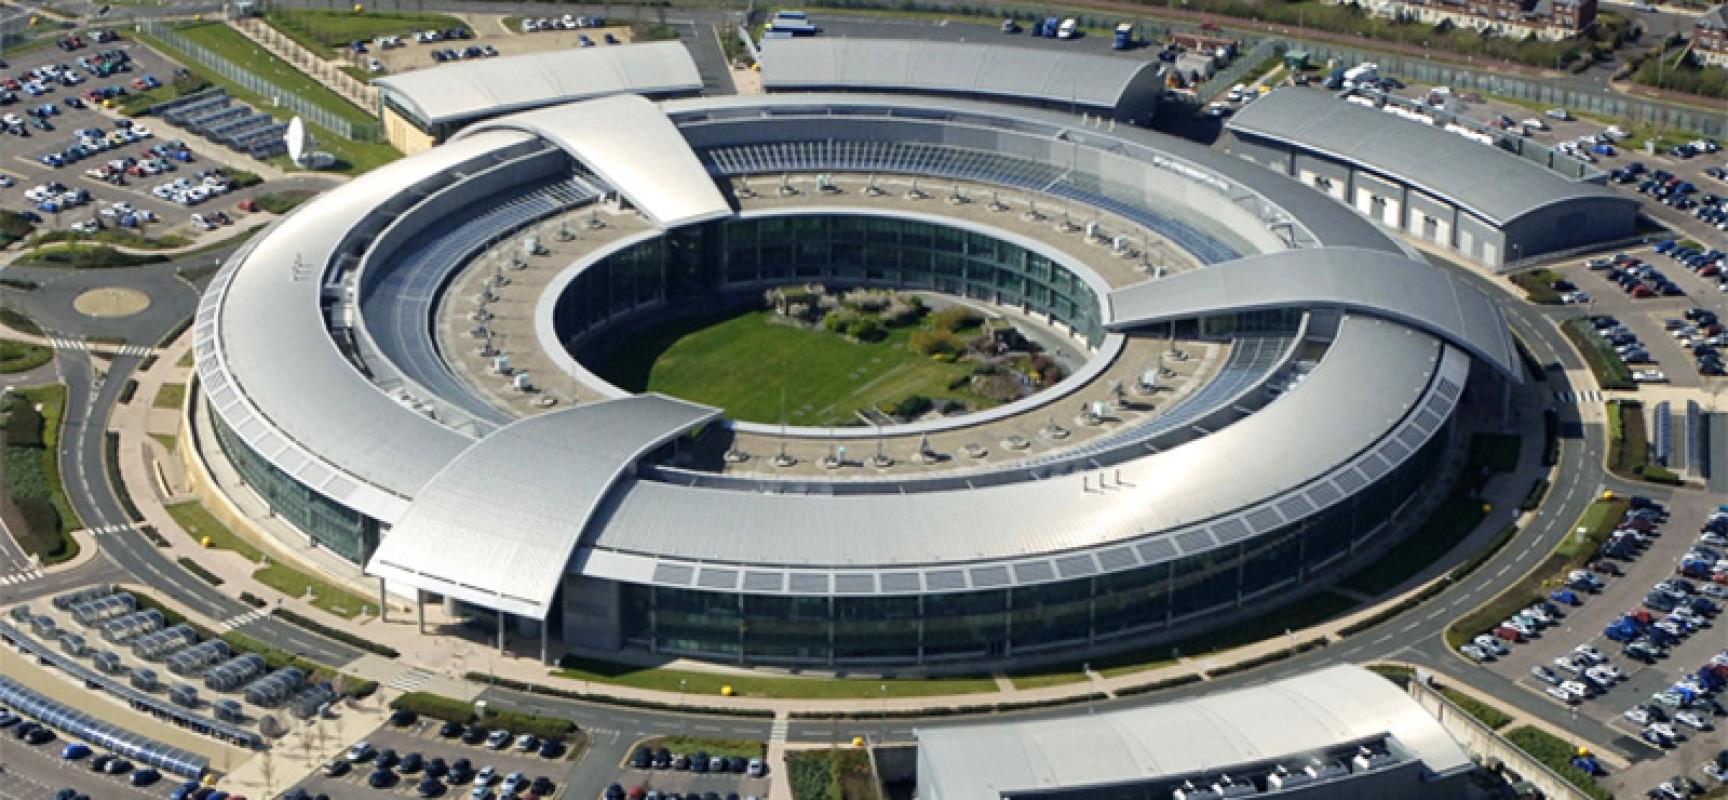 Grande-Bretagne: l'auteur présumé de l'attentat de Manchester était proche des services de renseignement britanniques